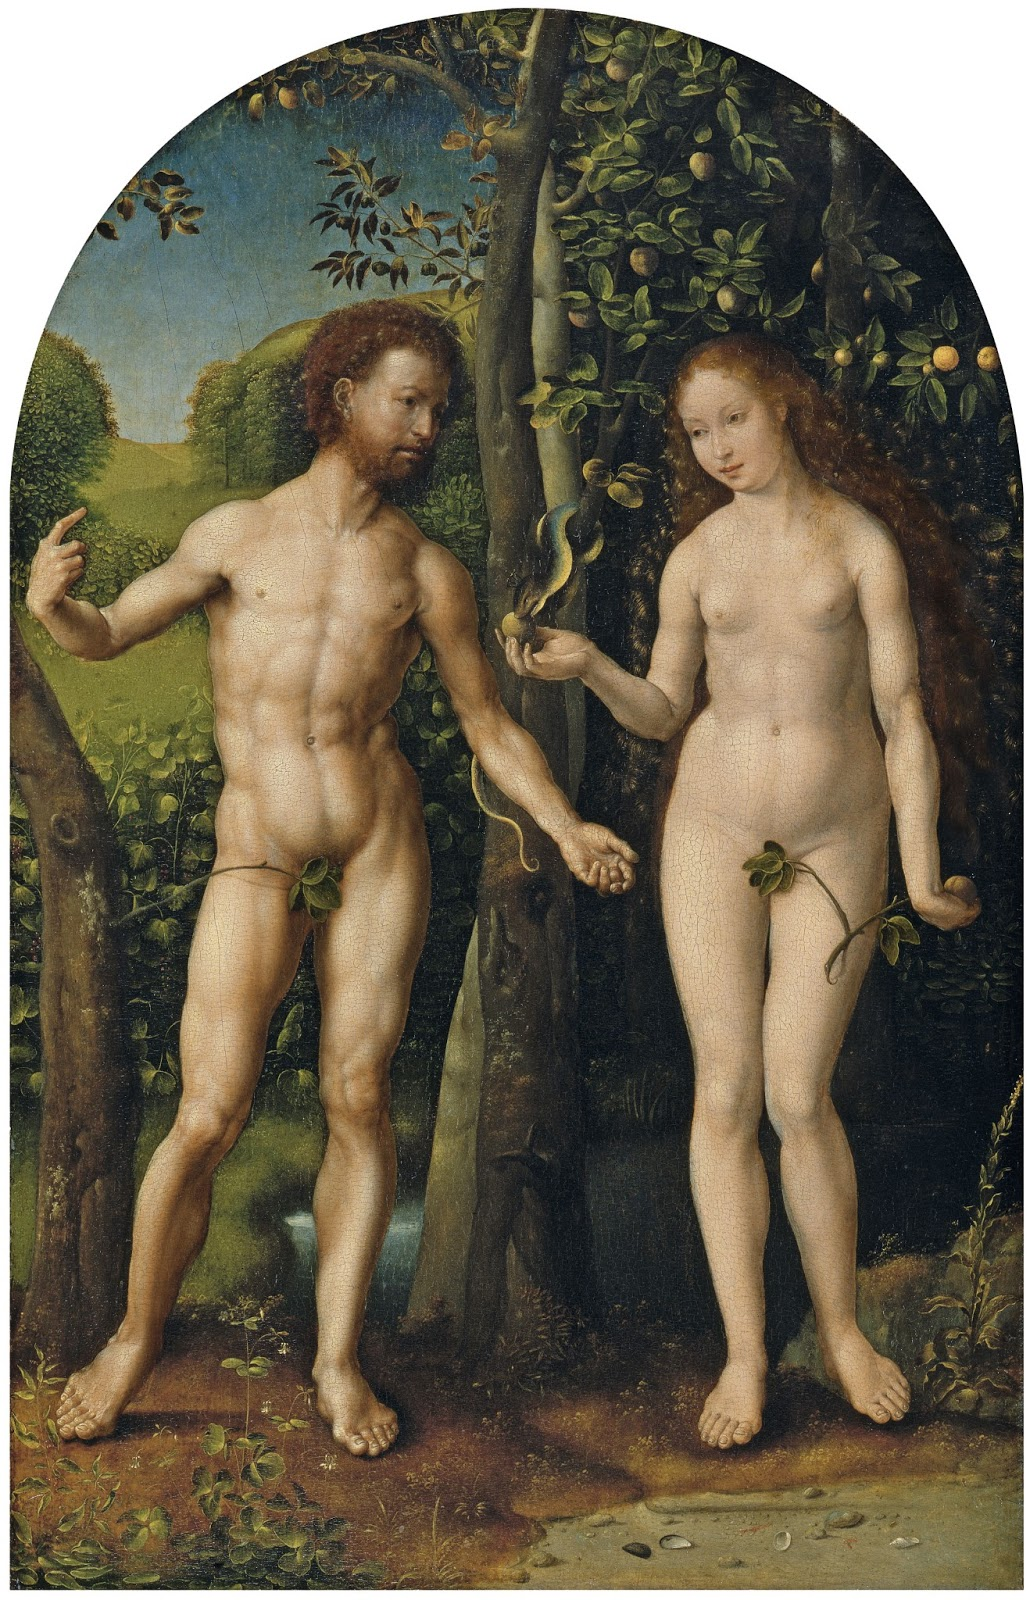 Adam and eve in garden of eden studying genesis chapter 2 5